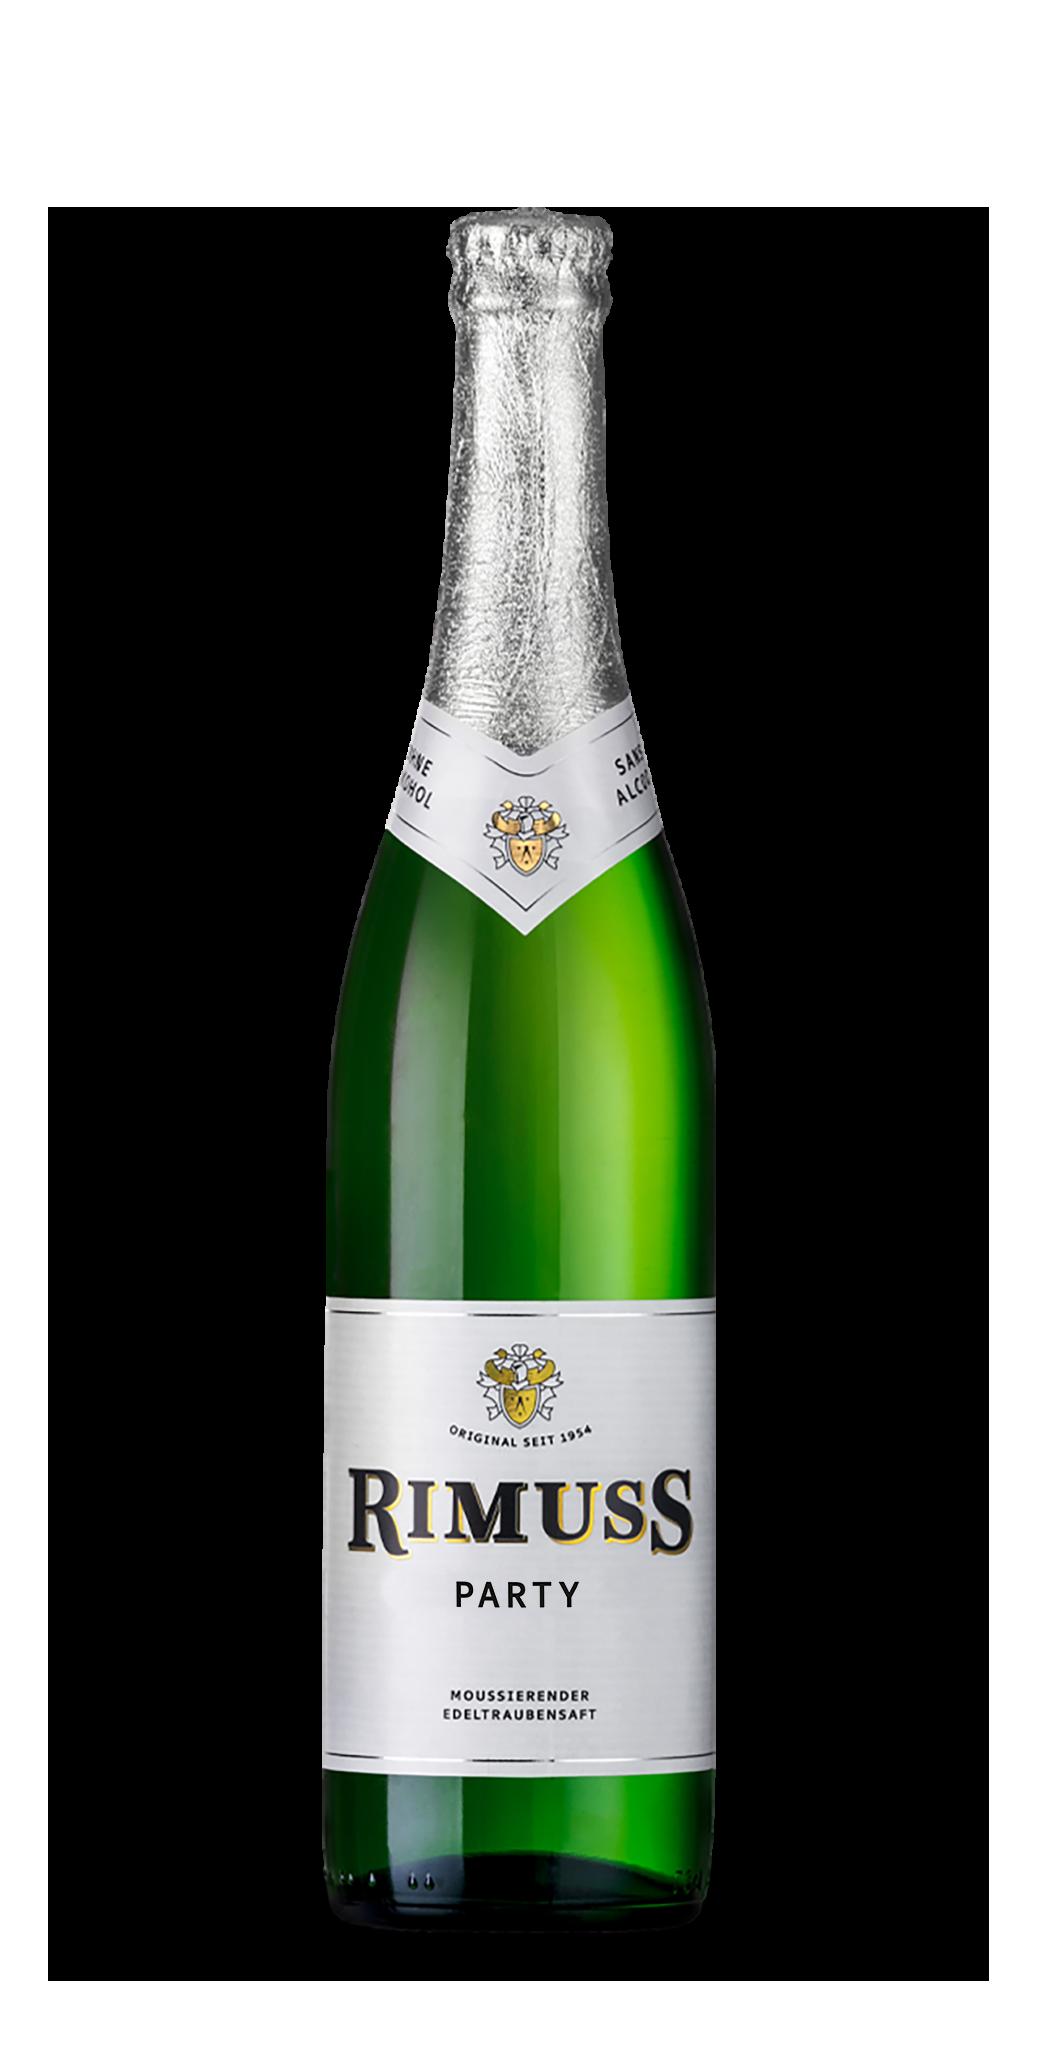 Eine Flasche Rimuss Party. Zum Apéro und Aperitif für alle